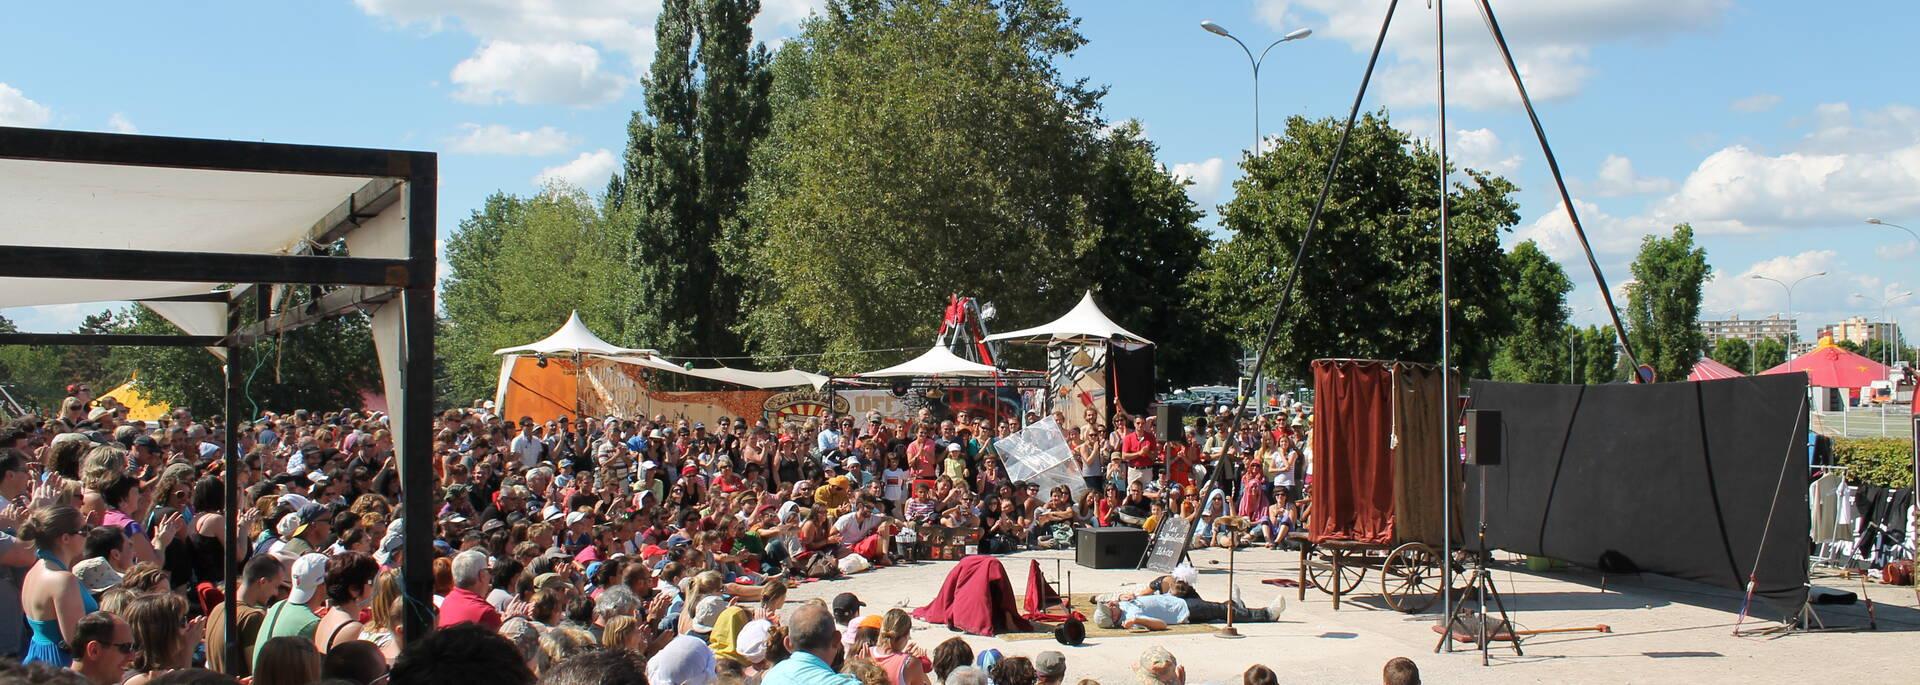 Festival Chalon dans la Rue en famille